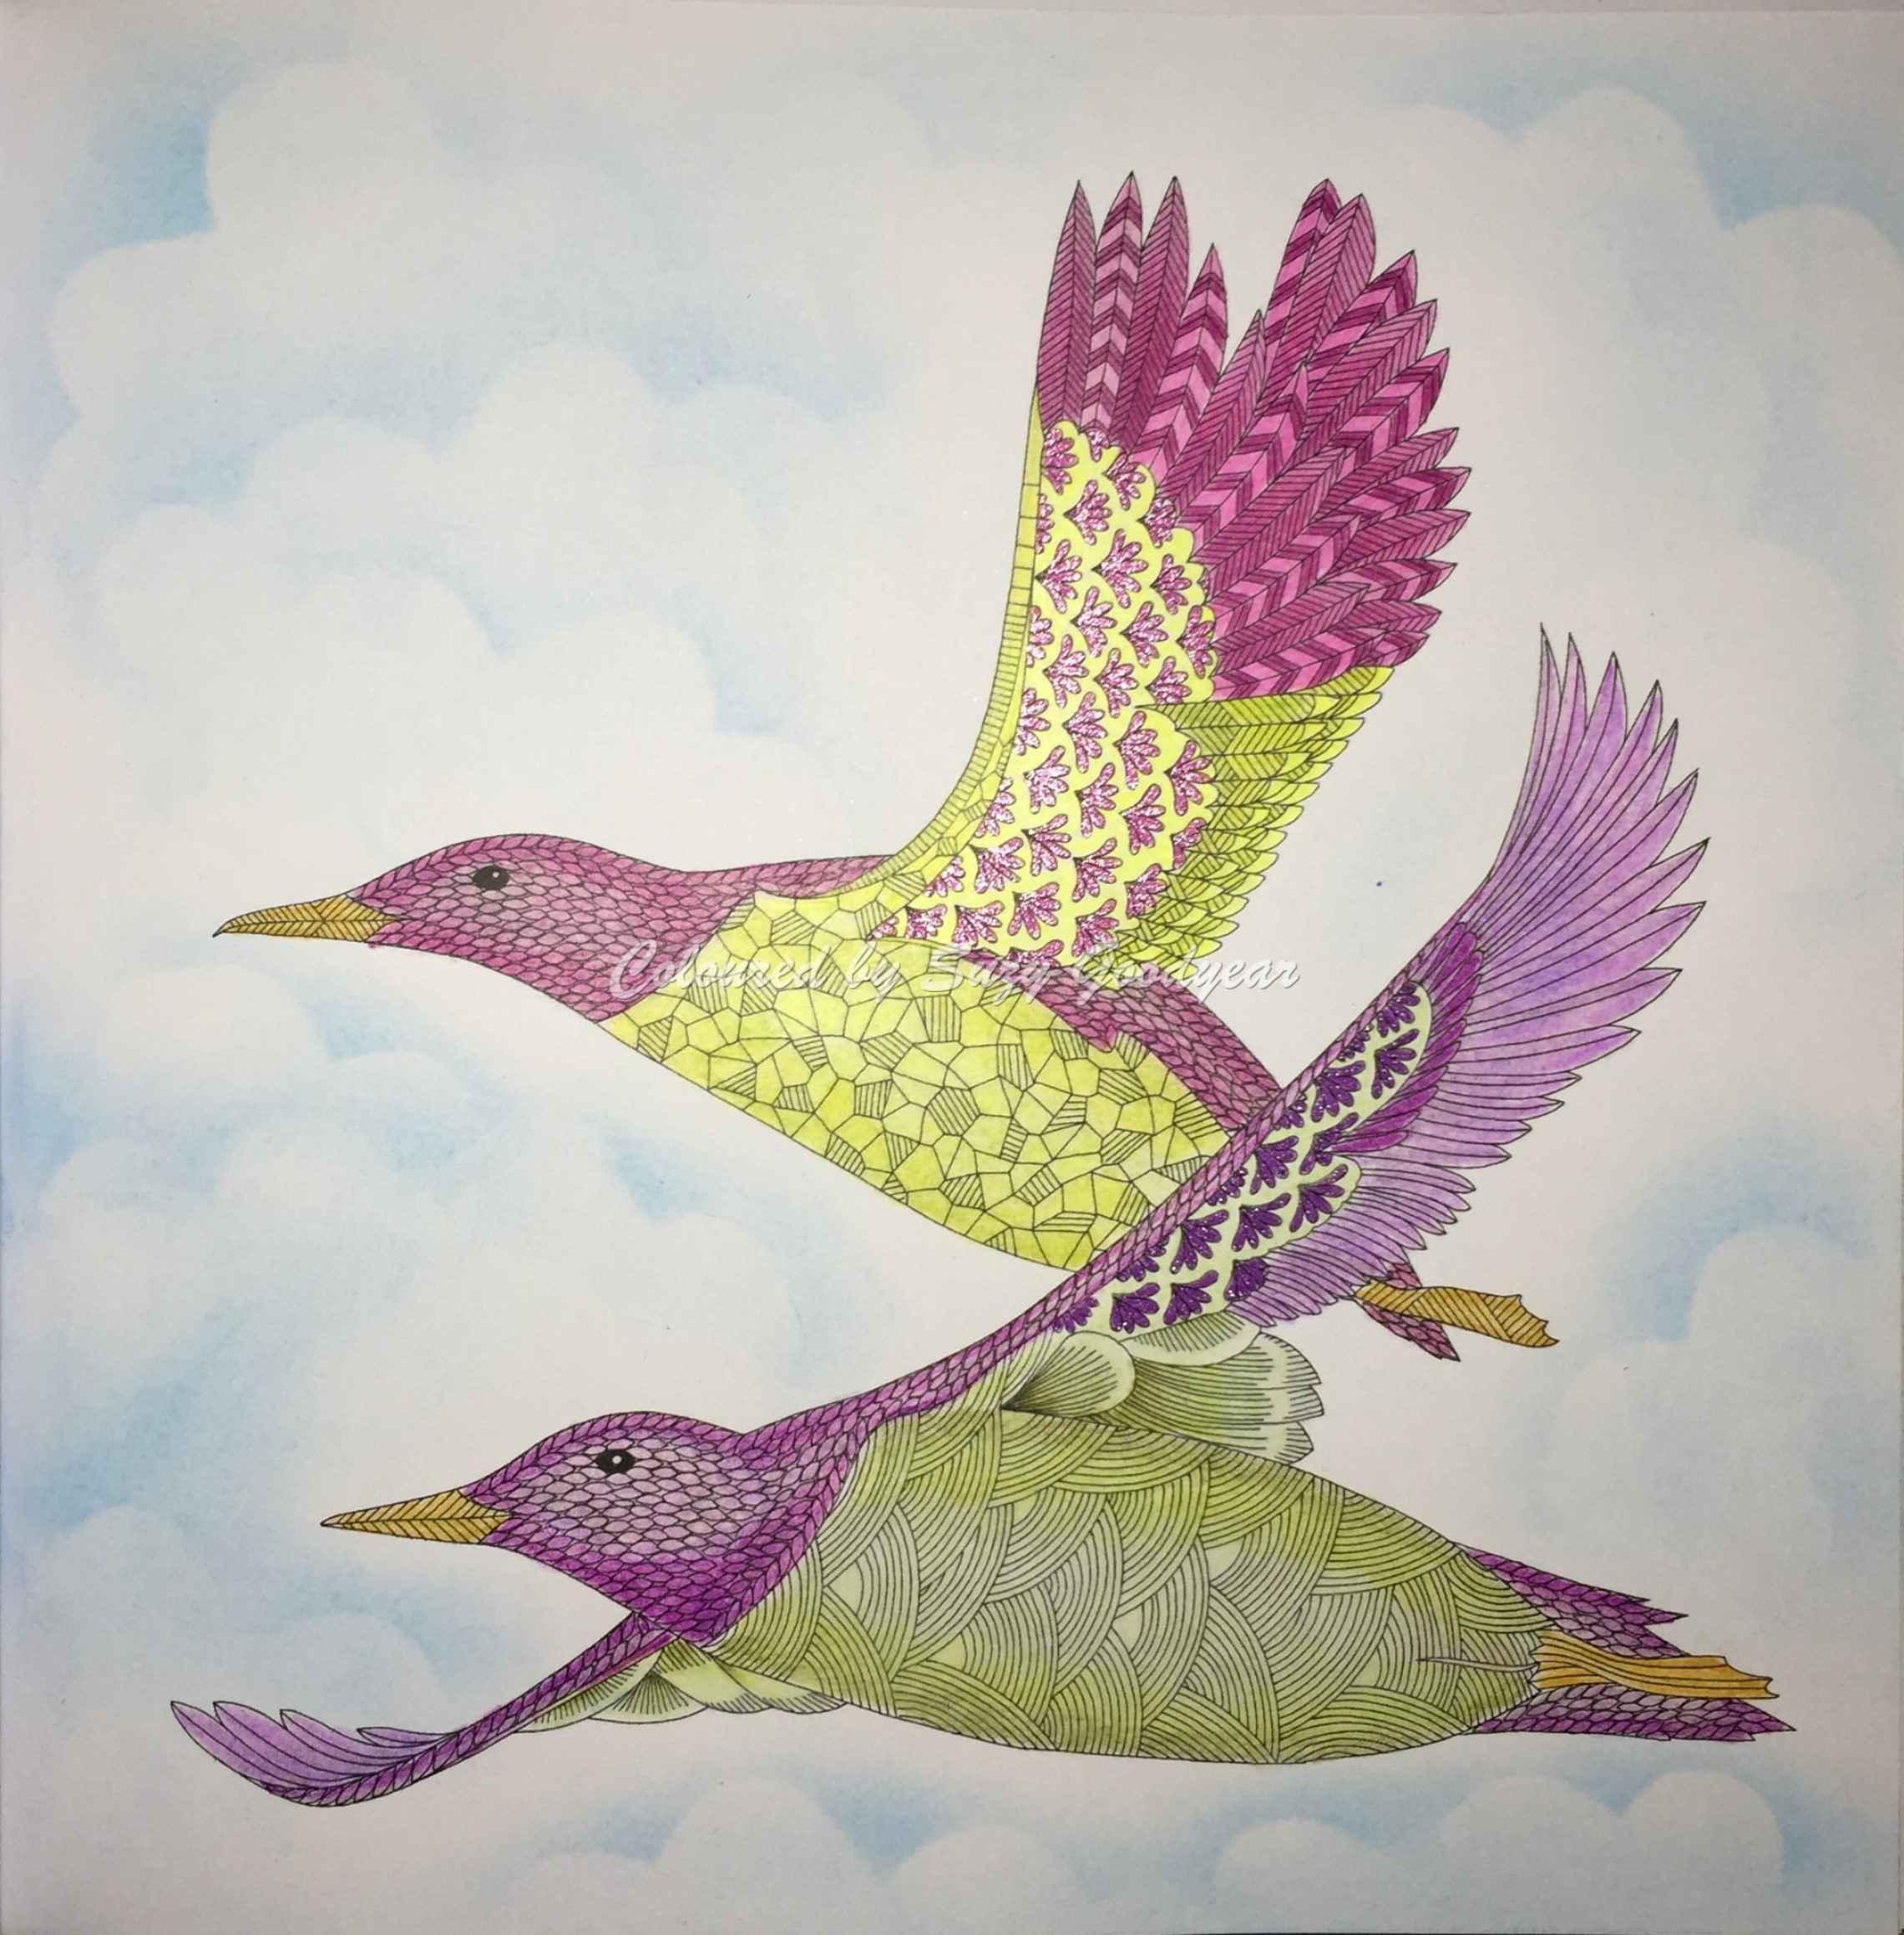 Two Birds Flying Media Prismacolor Premier Colored Pencils Super Doodle Glitter Gel Pens Source Animal Kingdom Publisher Artist Millie Marotta